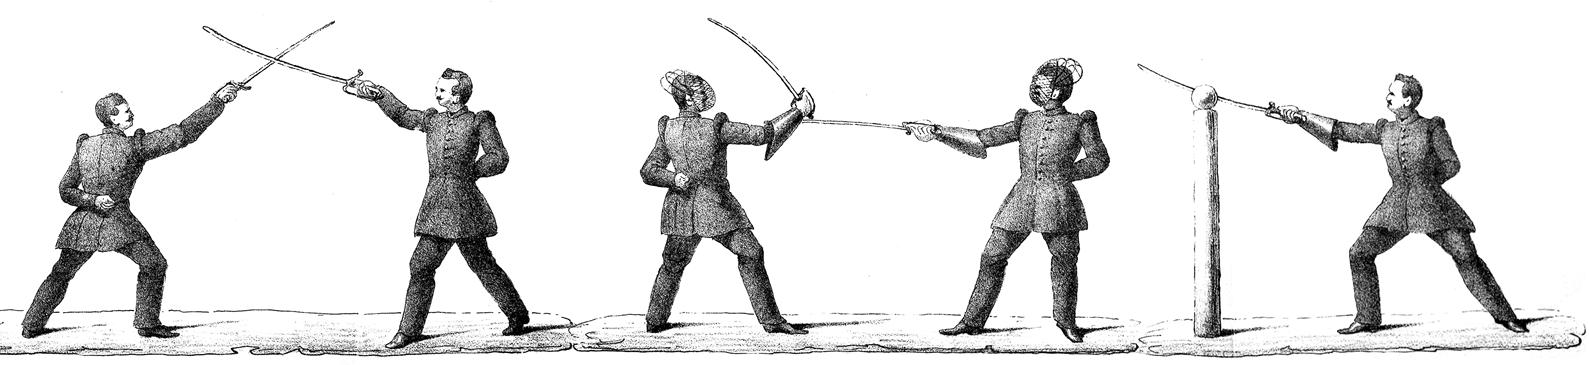 The Dutch Experiment - De Hollandsche Methode, Christiaan Siebenhaar, and fencing in the Netherlands in the 19th Century